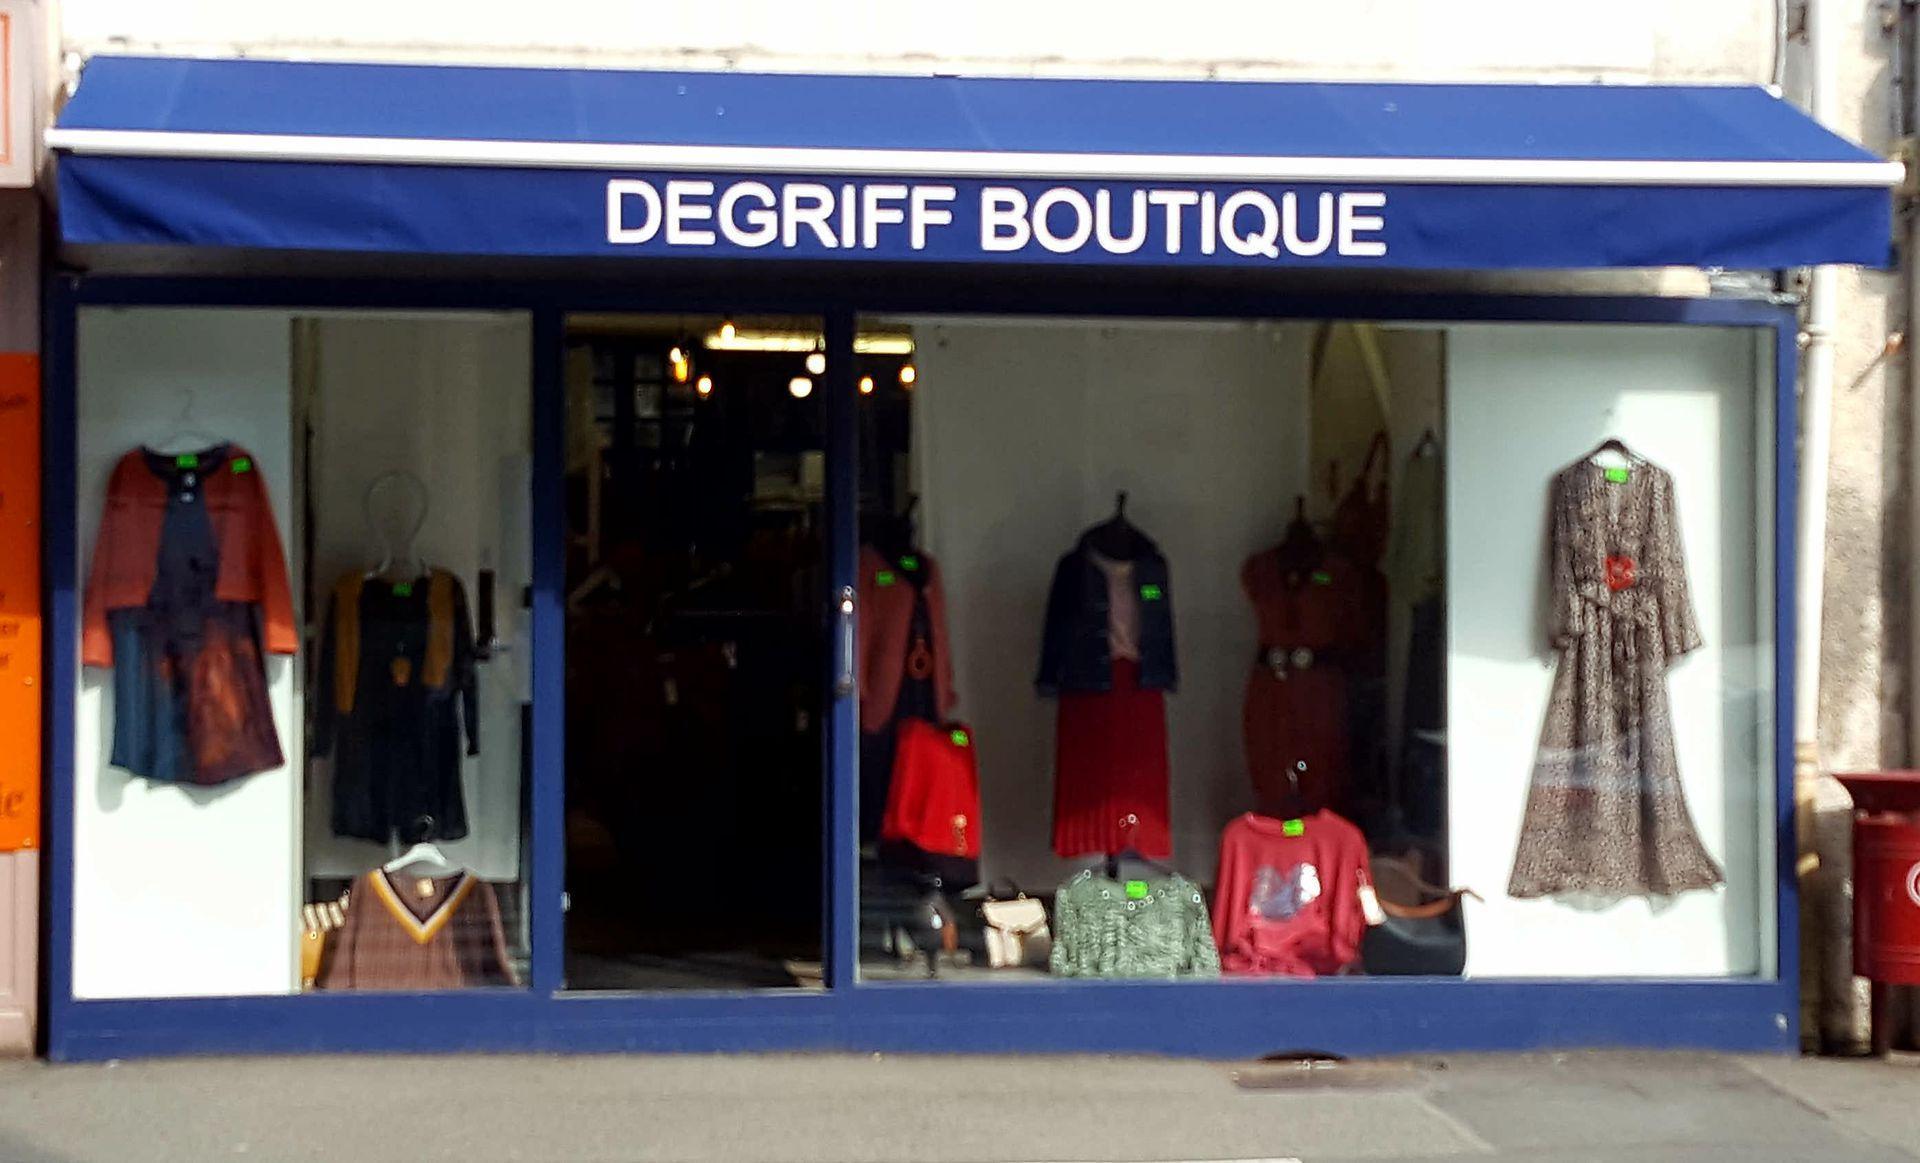 Degriff Boutique Blain